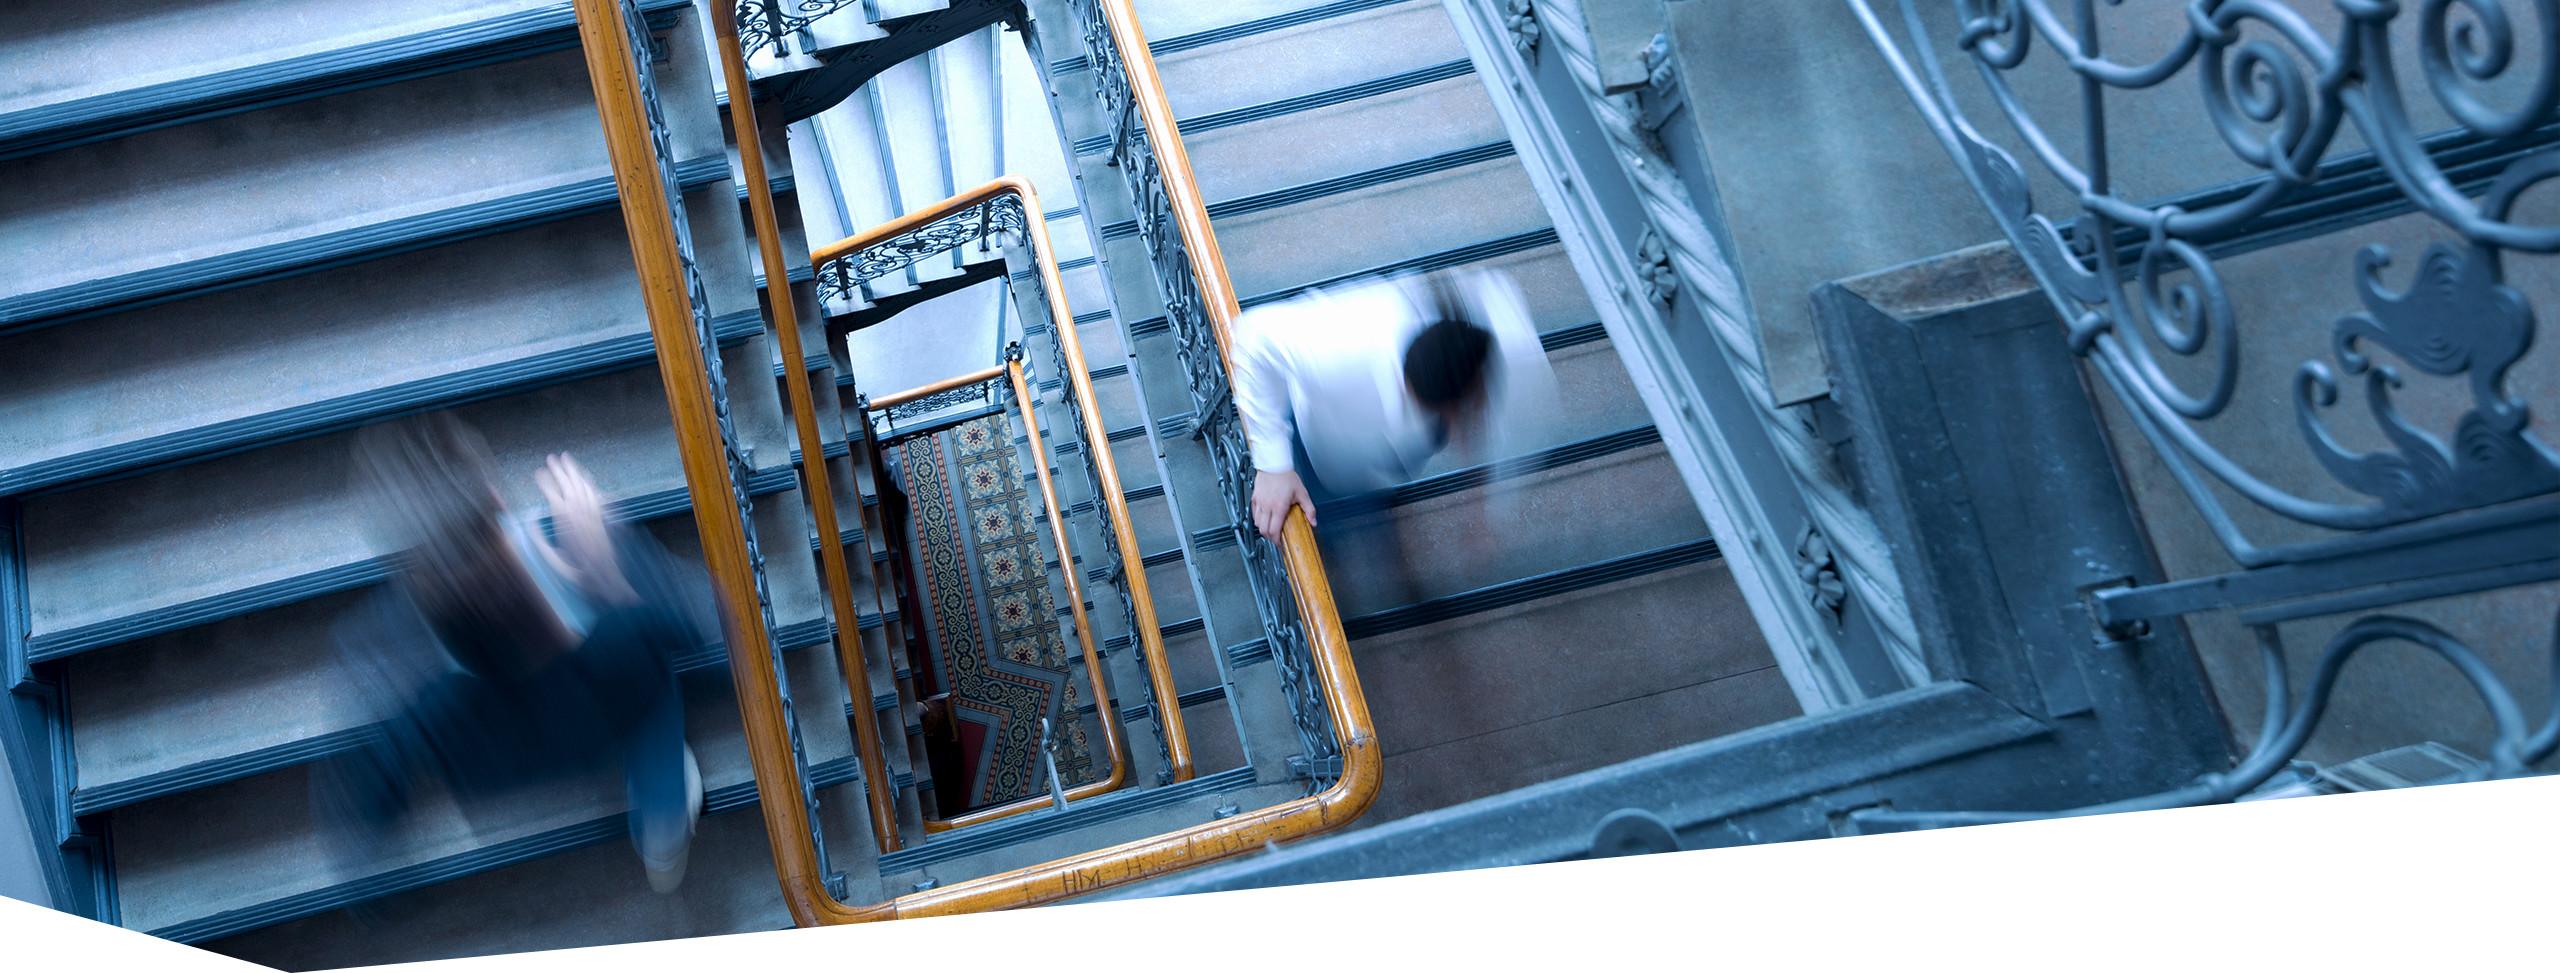 Ein Schüler läuft durch das Treppenhaus der Dr. Buhmann Schule und Akademie, Aufnahme vom obersten zum untersten Stockwerk